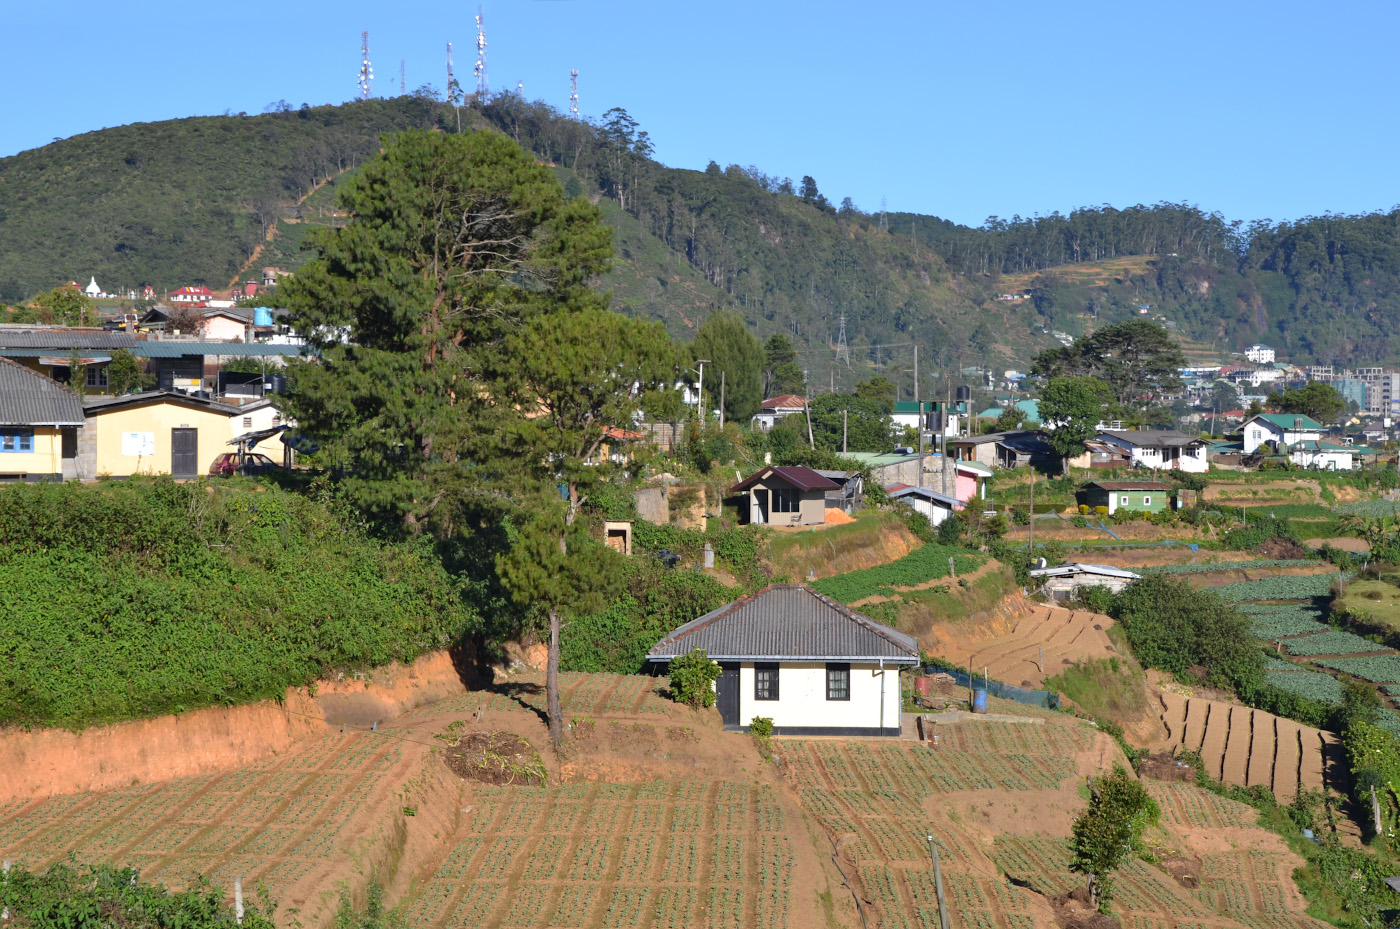 Фотография 23. Так выглядит столица чайного региона Шри-Ланки город Нувара-Элия. Как мы добрались сюда на машине с водителем из Унаватуны. 1/250, 8, 100, 55.